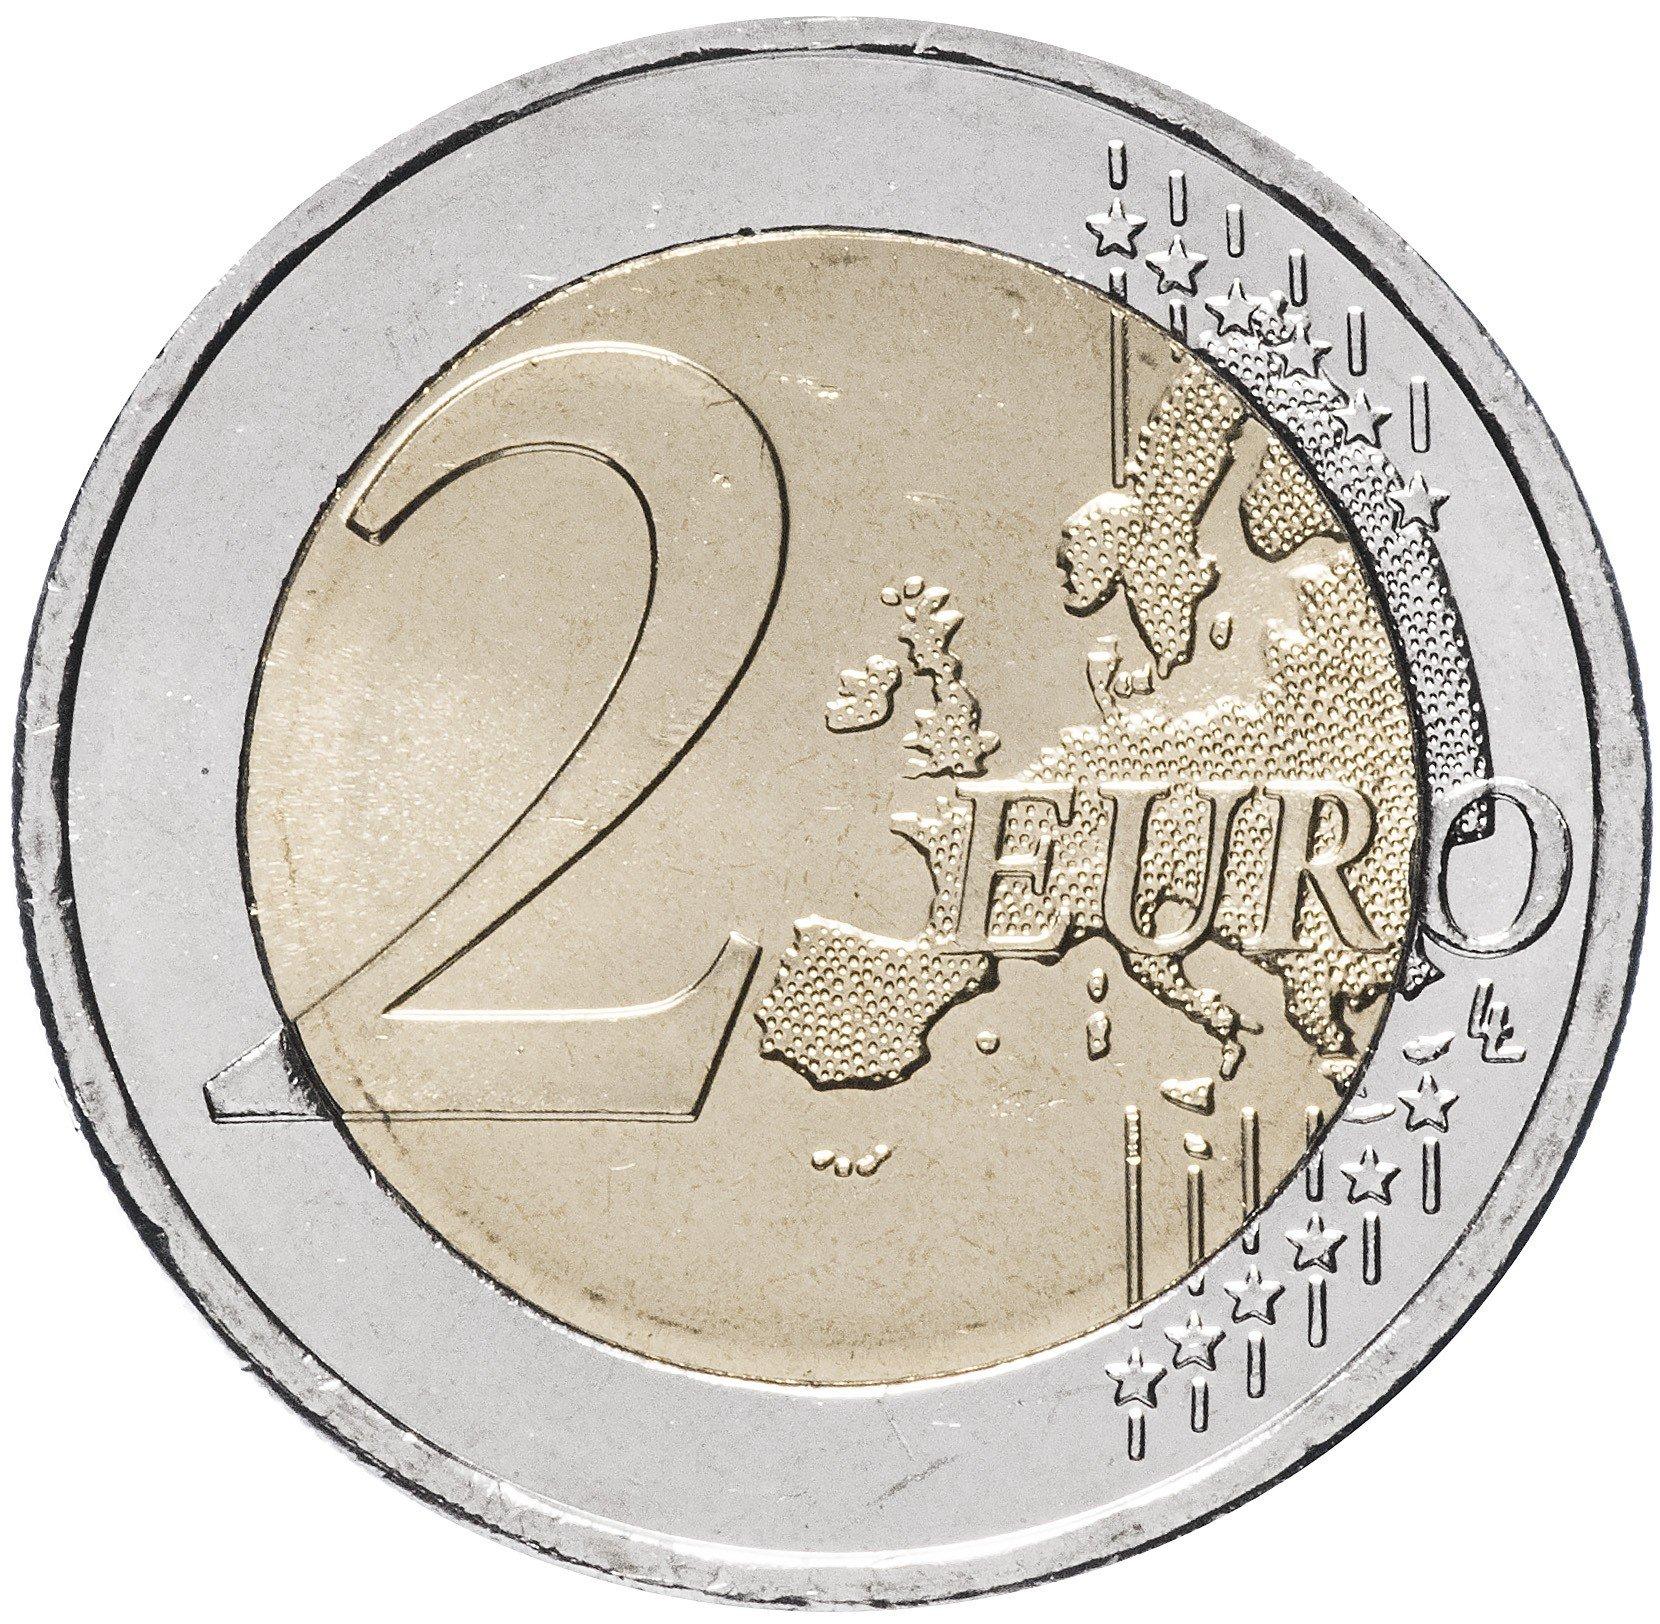 Кипр 5 евро 2012 председательство в ес купить банк индонезии